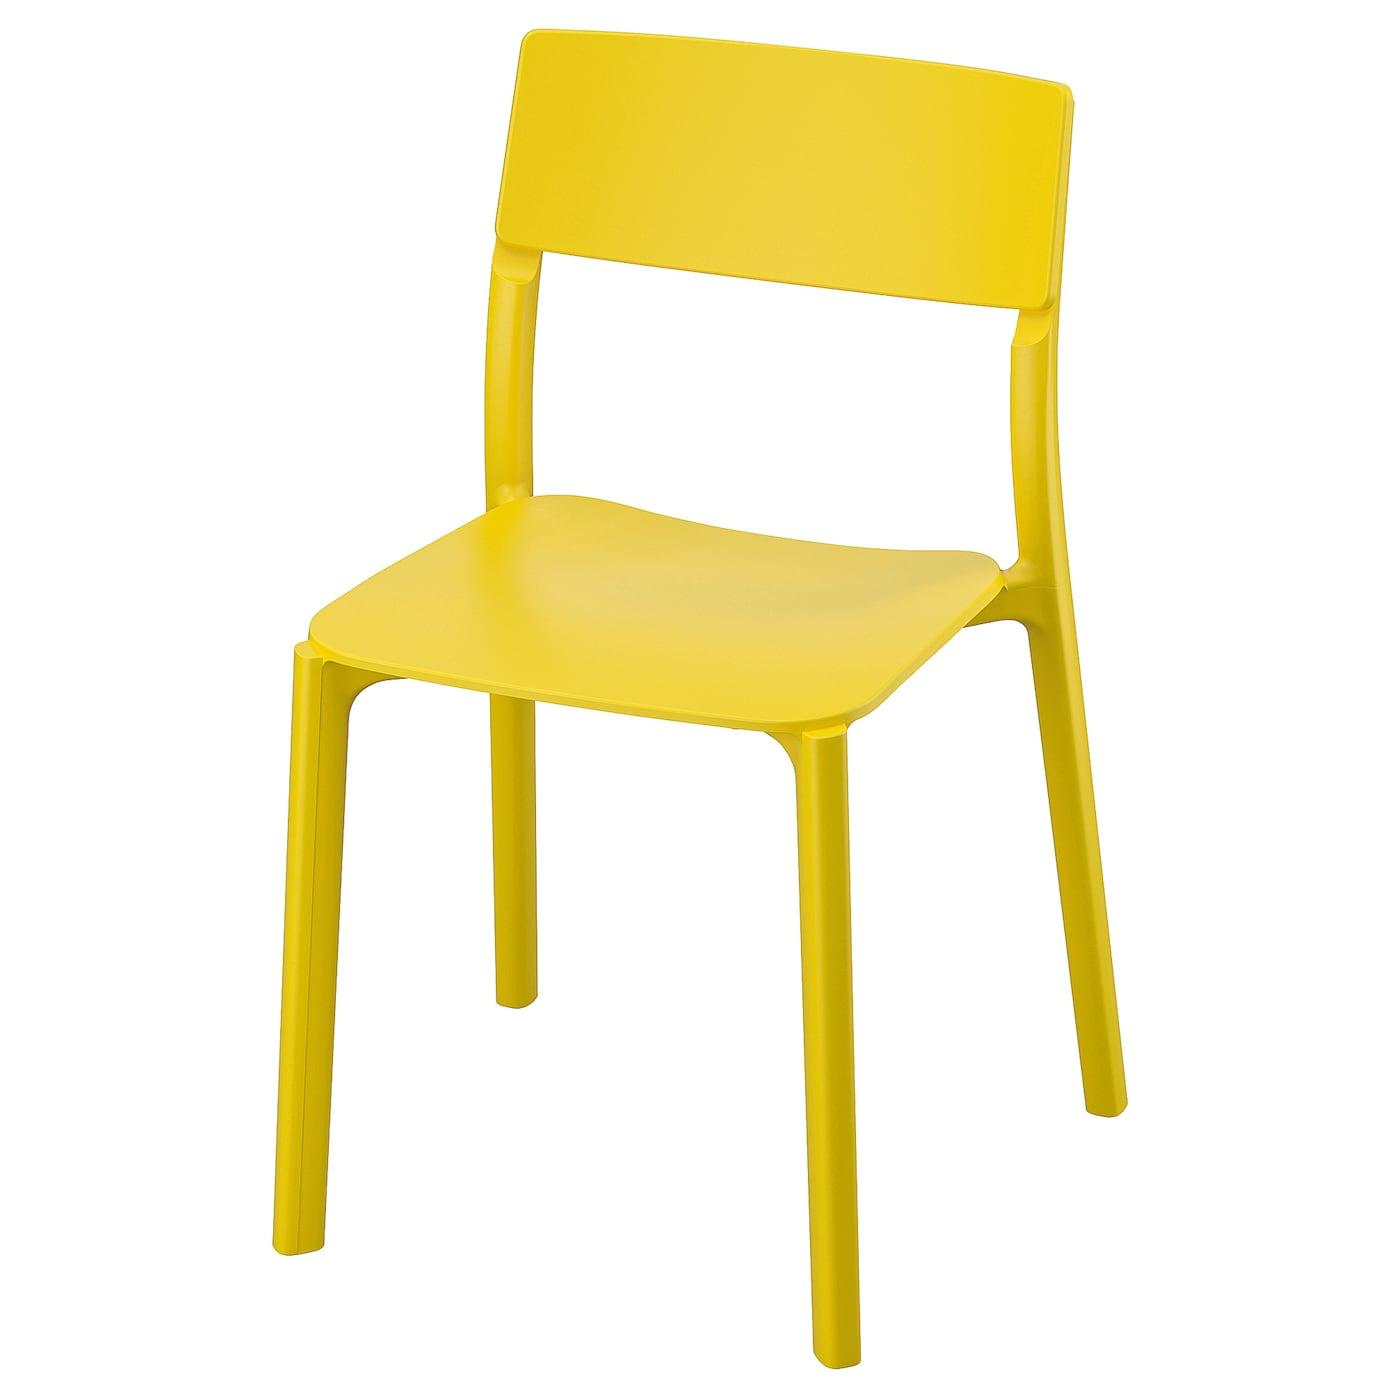 Cadeira de plástico. podem ser empilhados com cadeira de